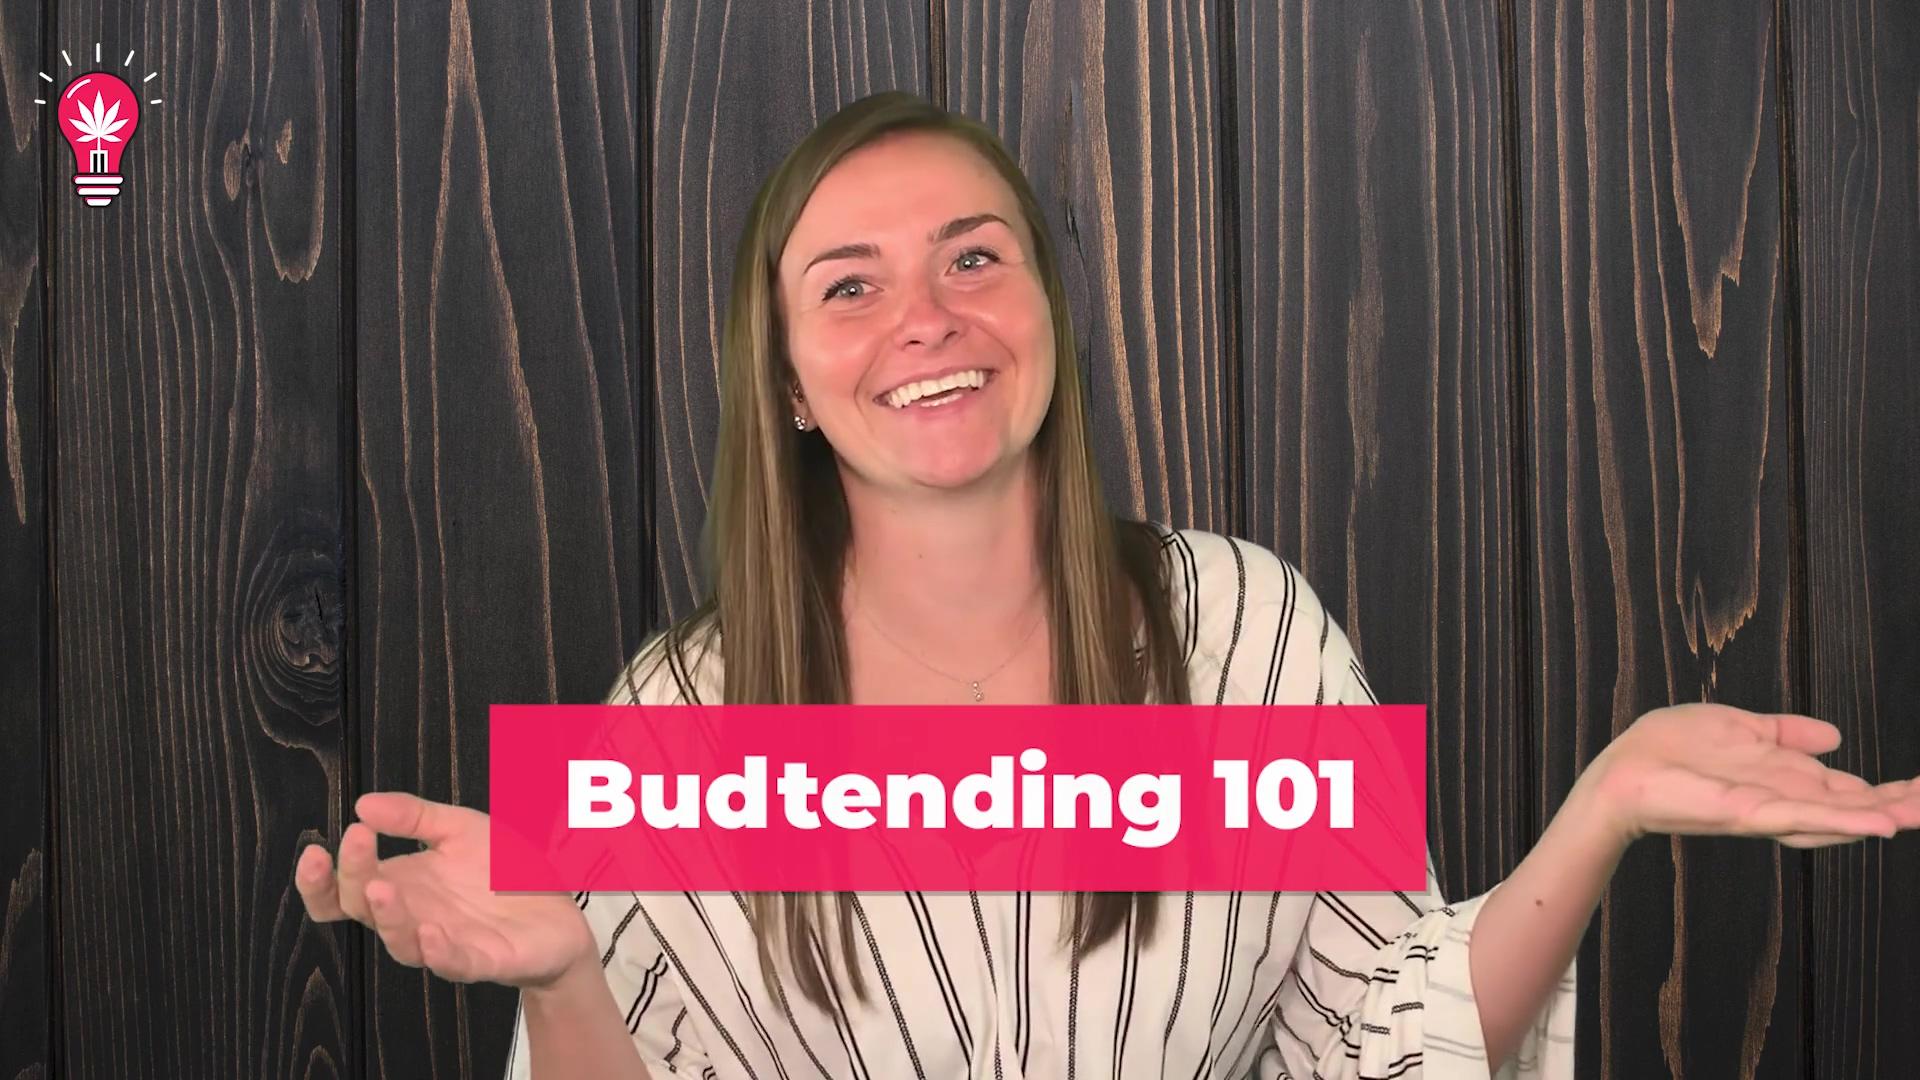 Budtending 101 - A - B